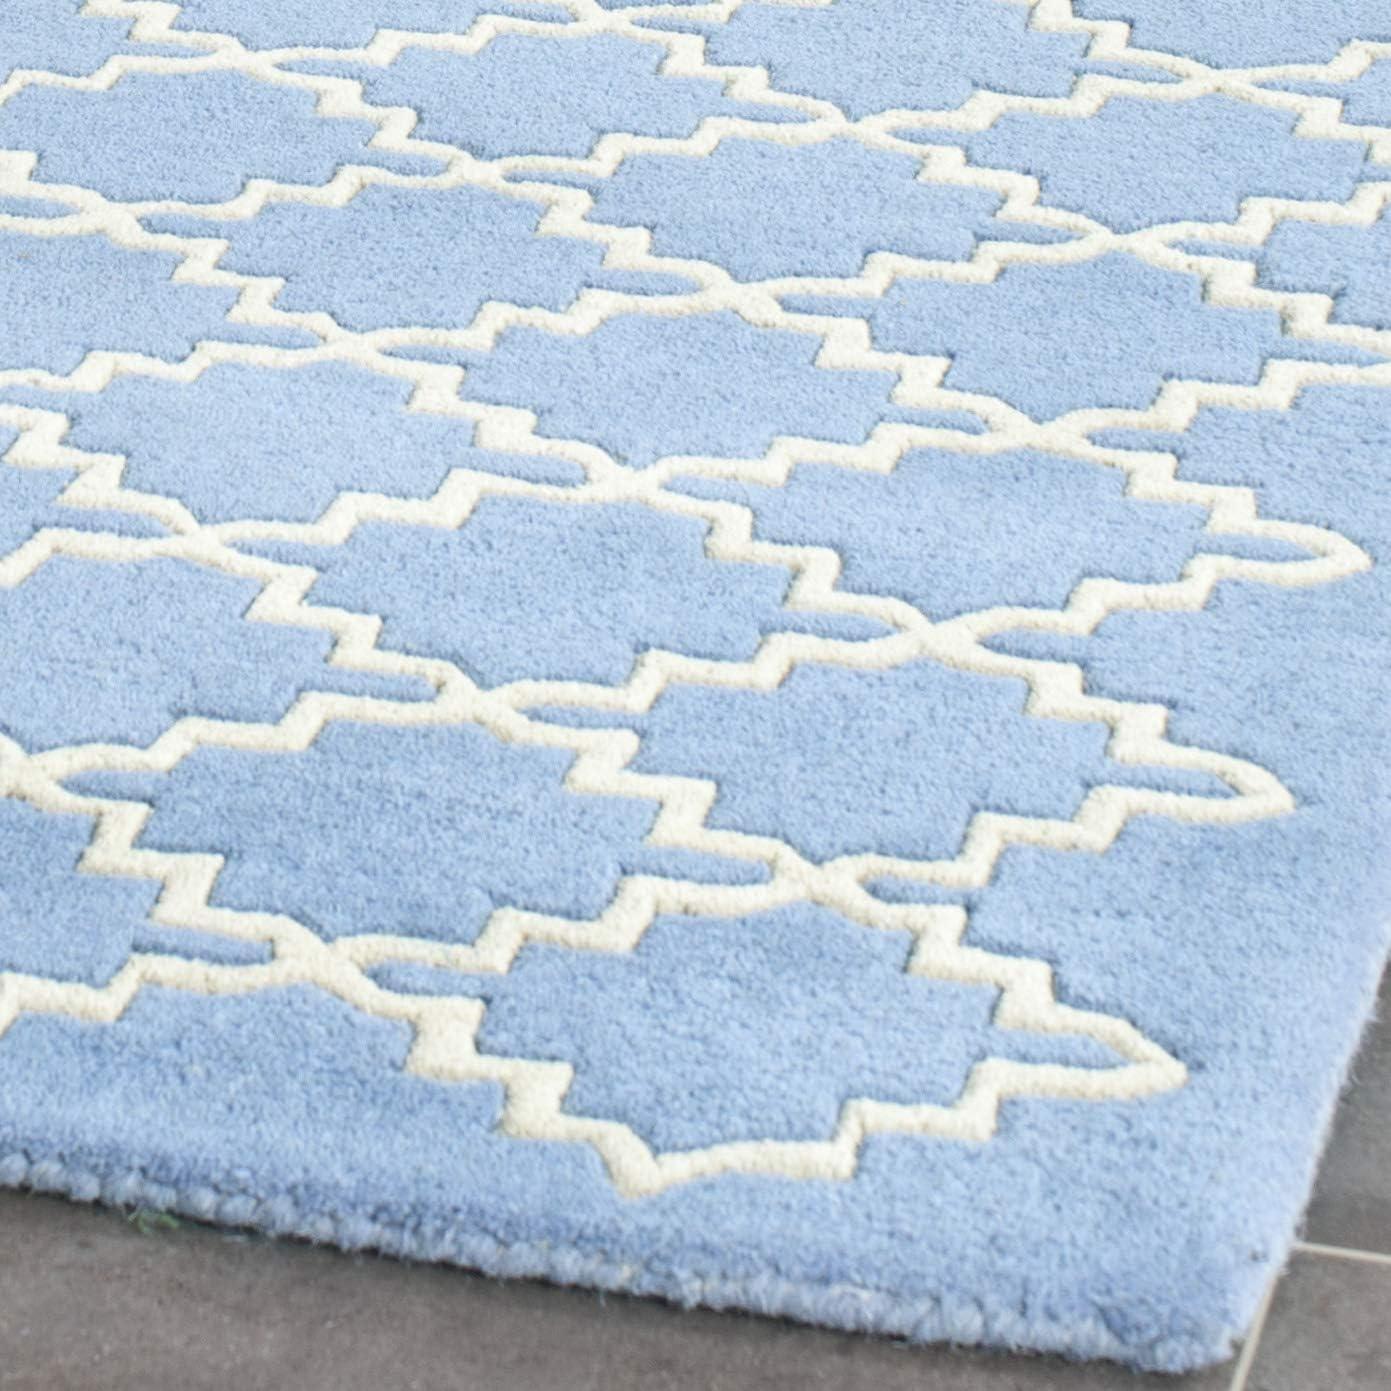 Safavieh Chatham Collection CHT930A Handmade Blue Grey Premium Wool Runner 2 3 x 7